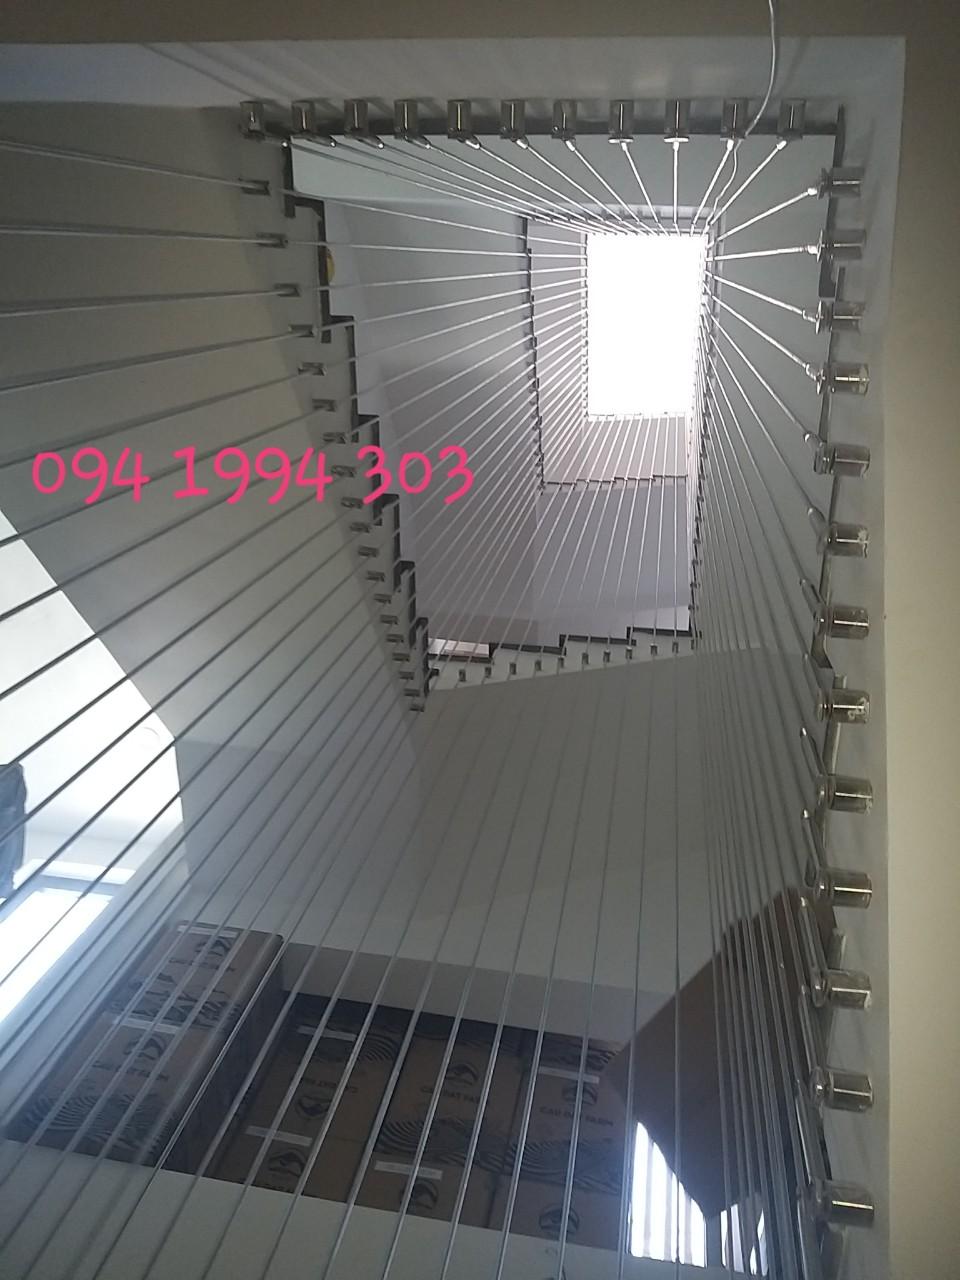 cầu thang dây cáp chung cư, nhà cao tầng